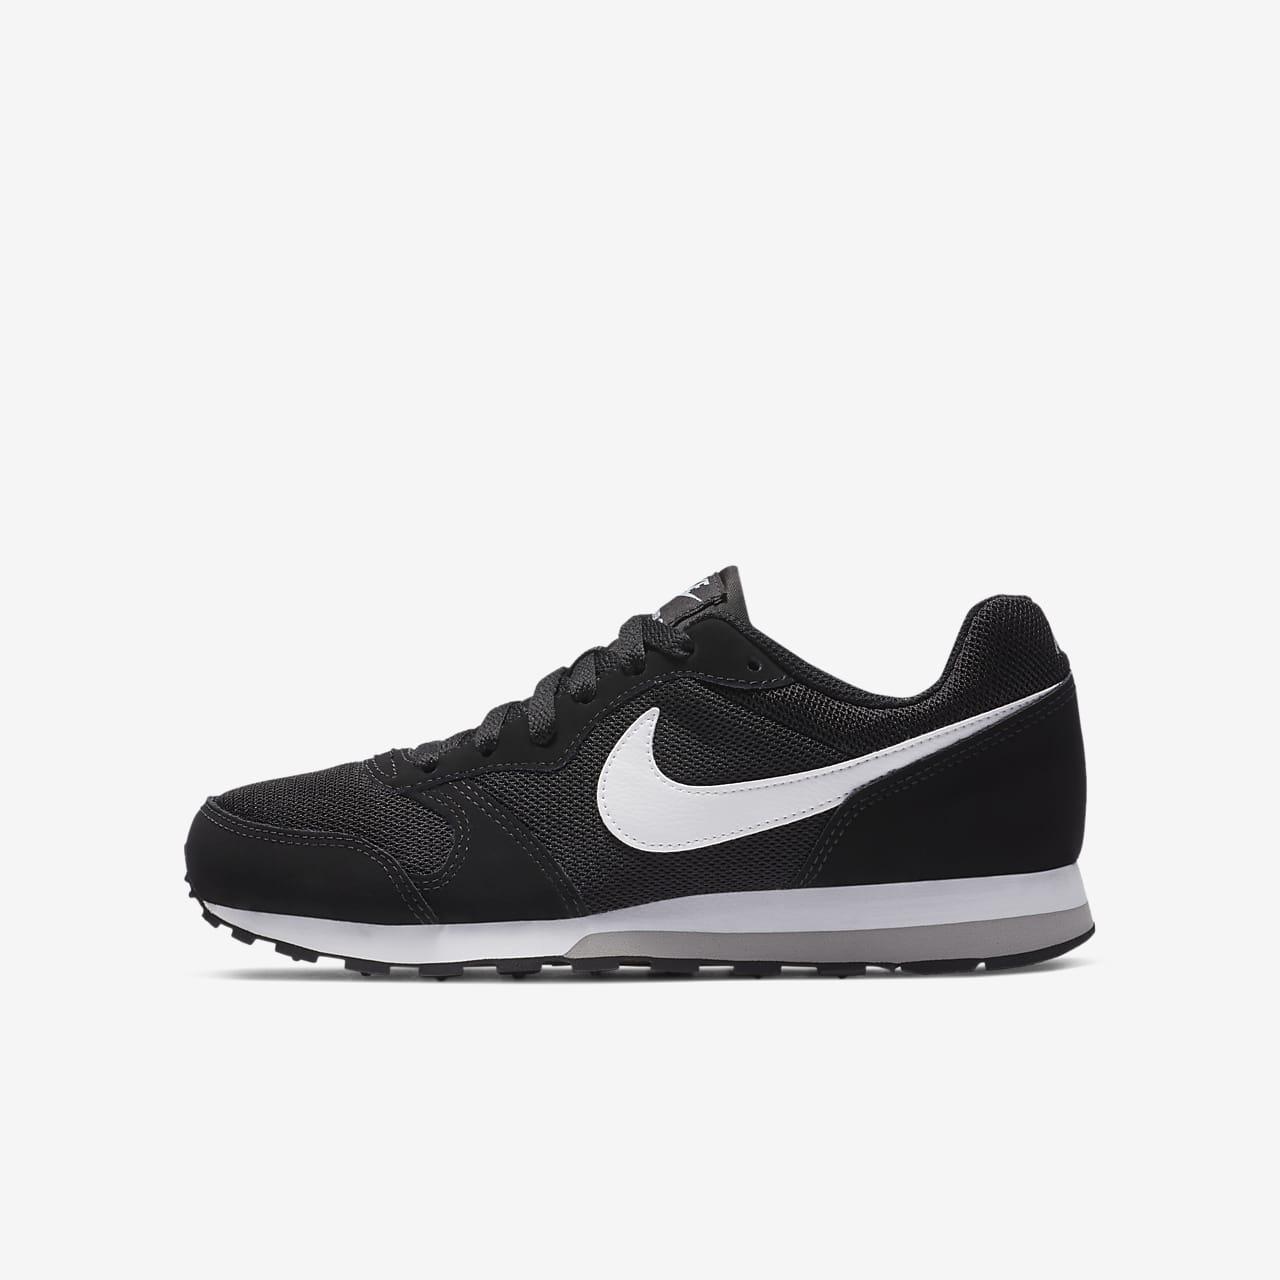 ... Nike MD Runner 2-sko til store børn